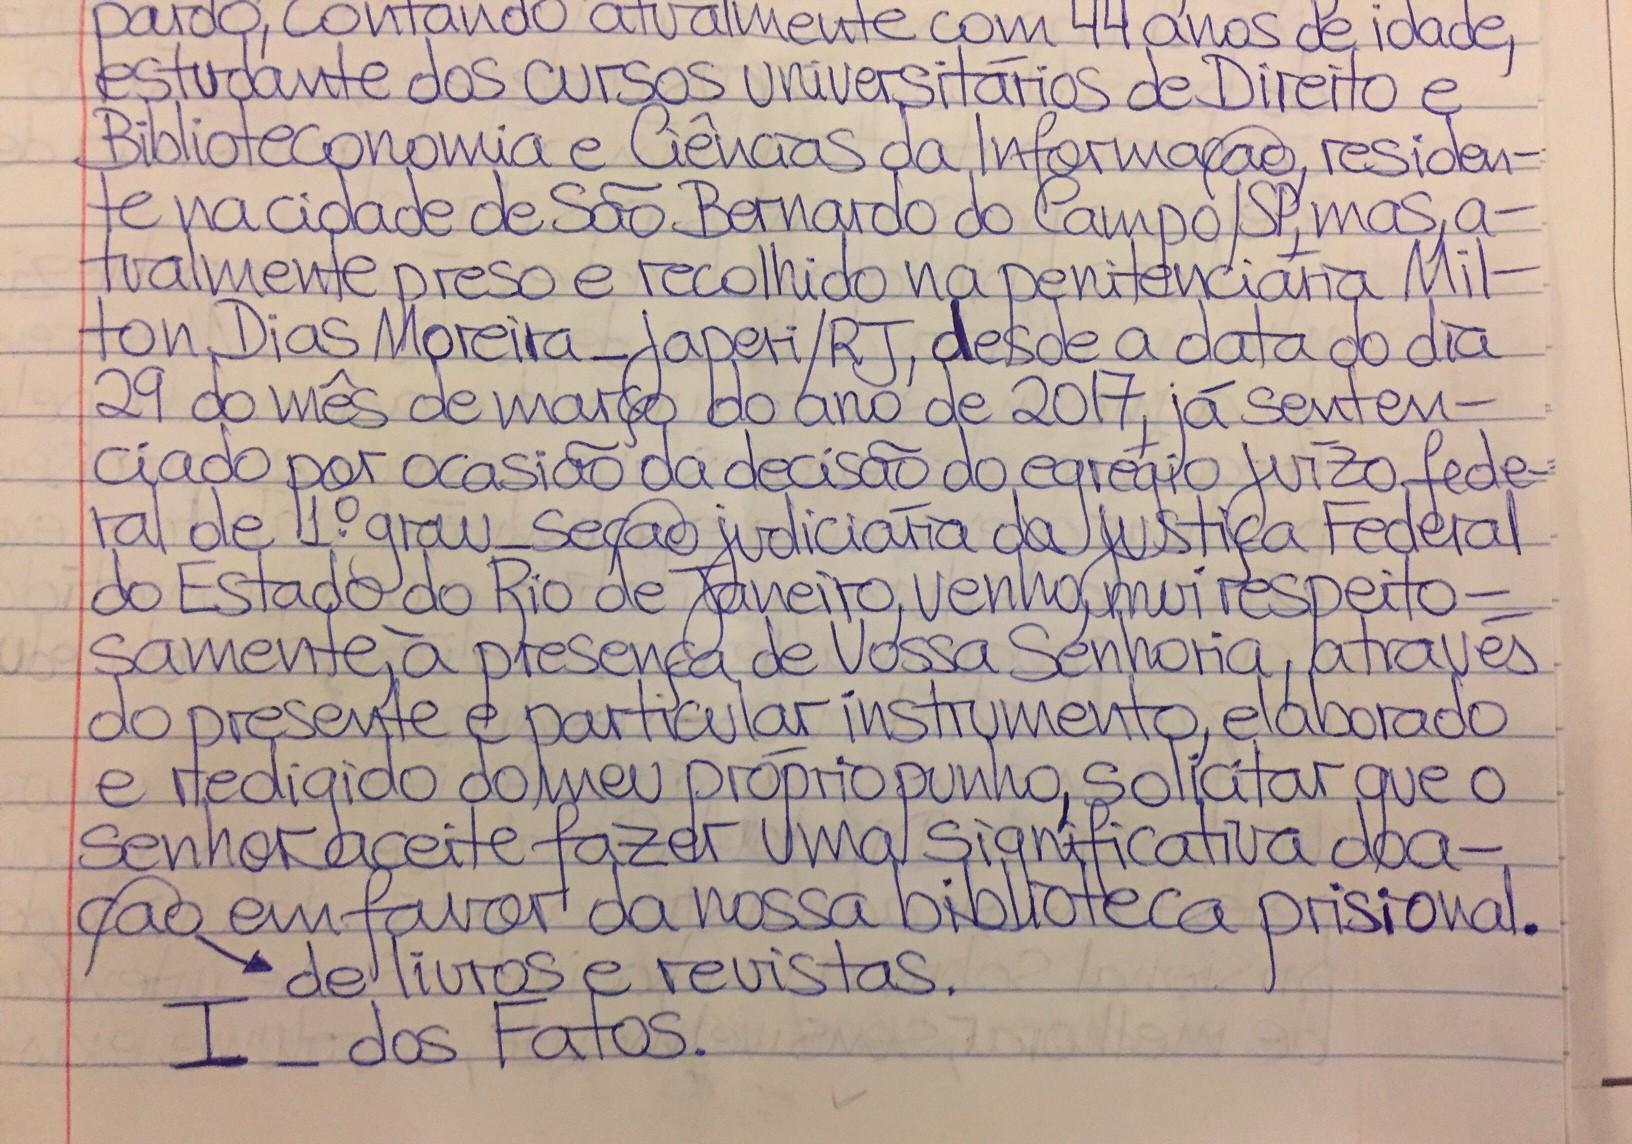 Trecho da carta enviada por Laéssio Rodrigues de Oliveira